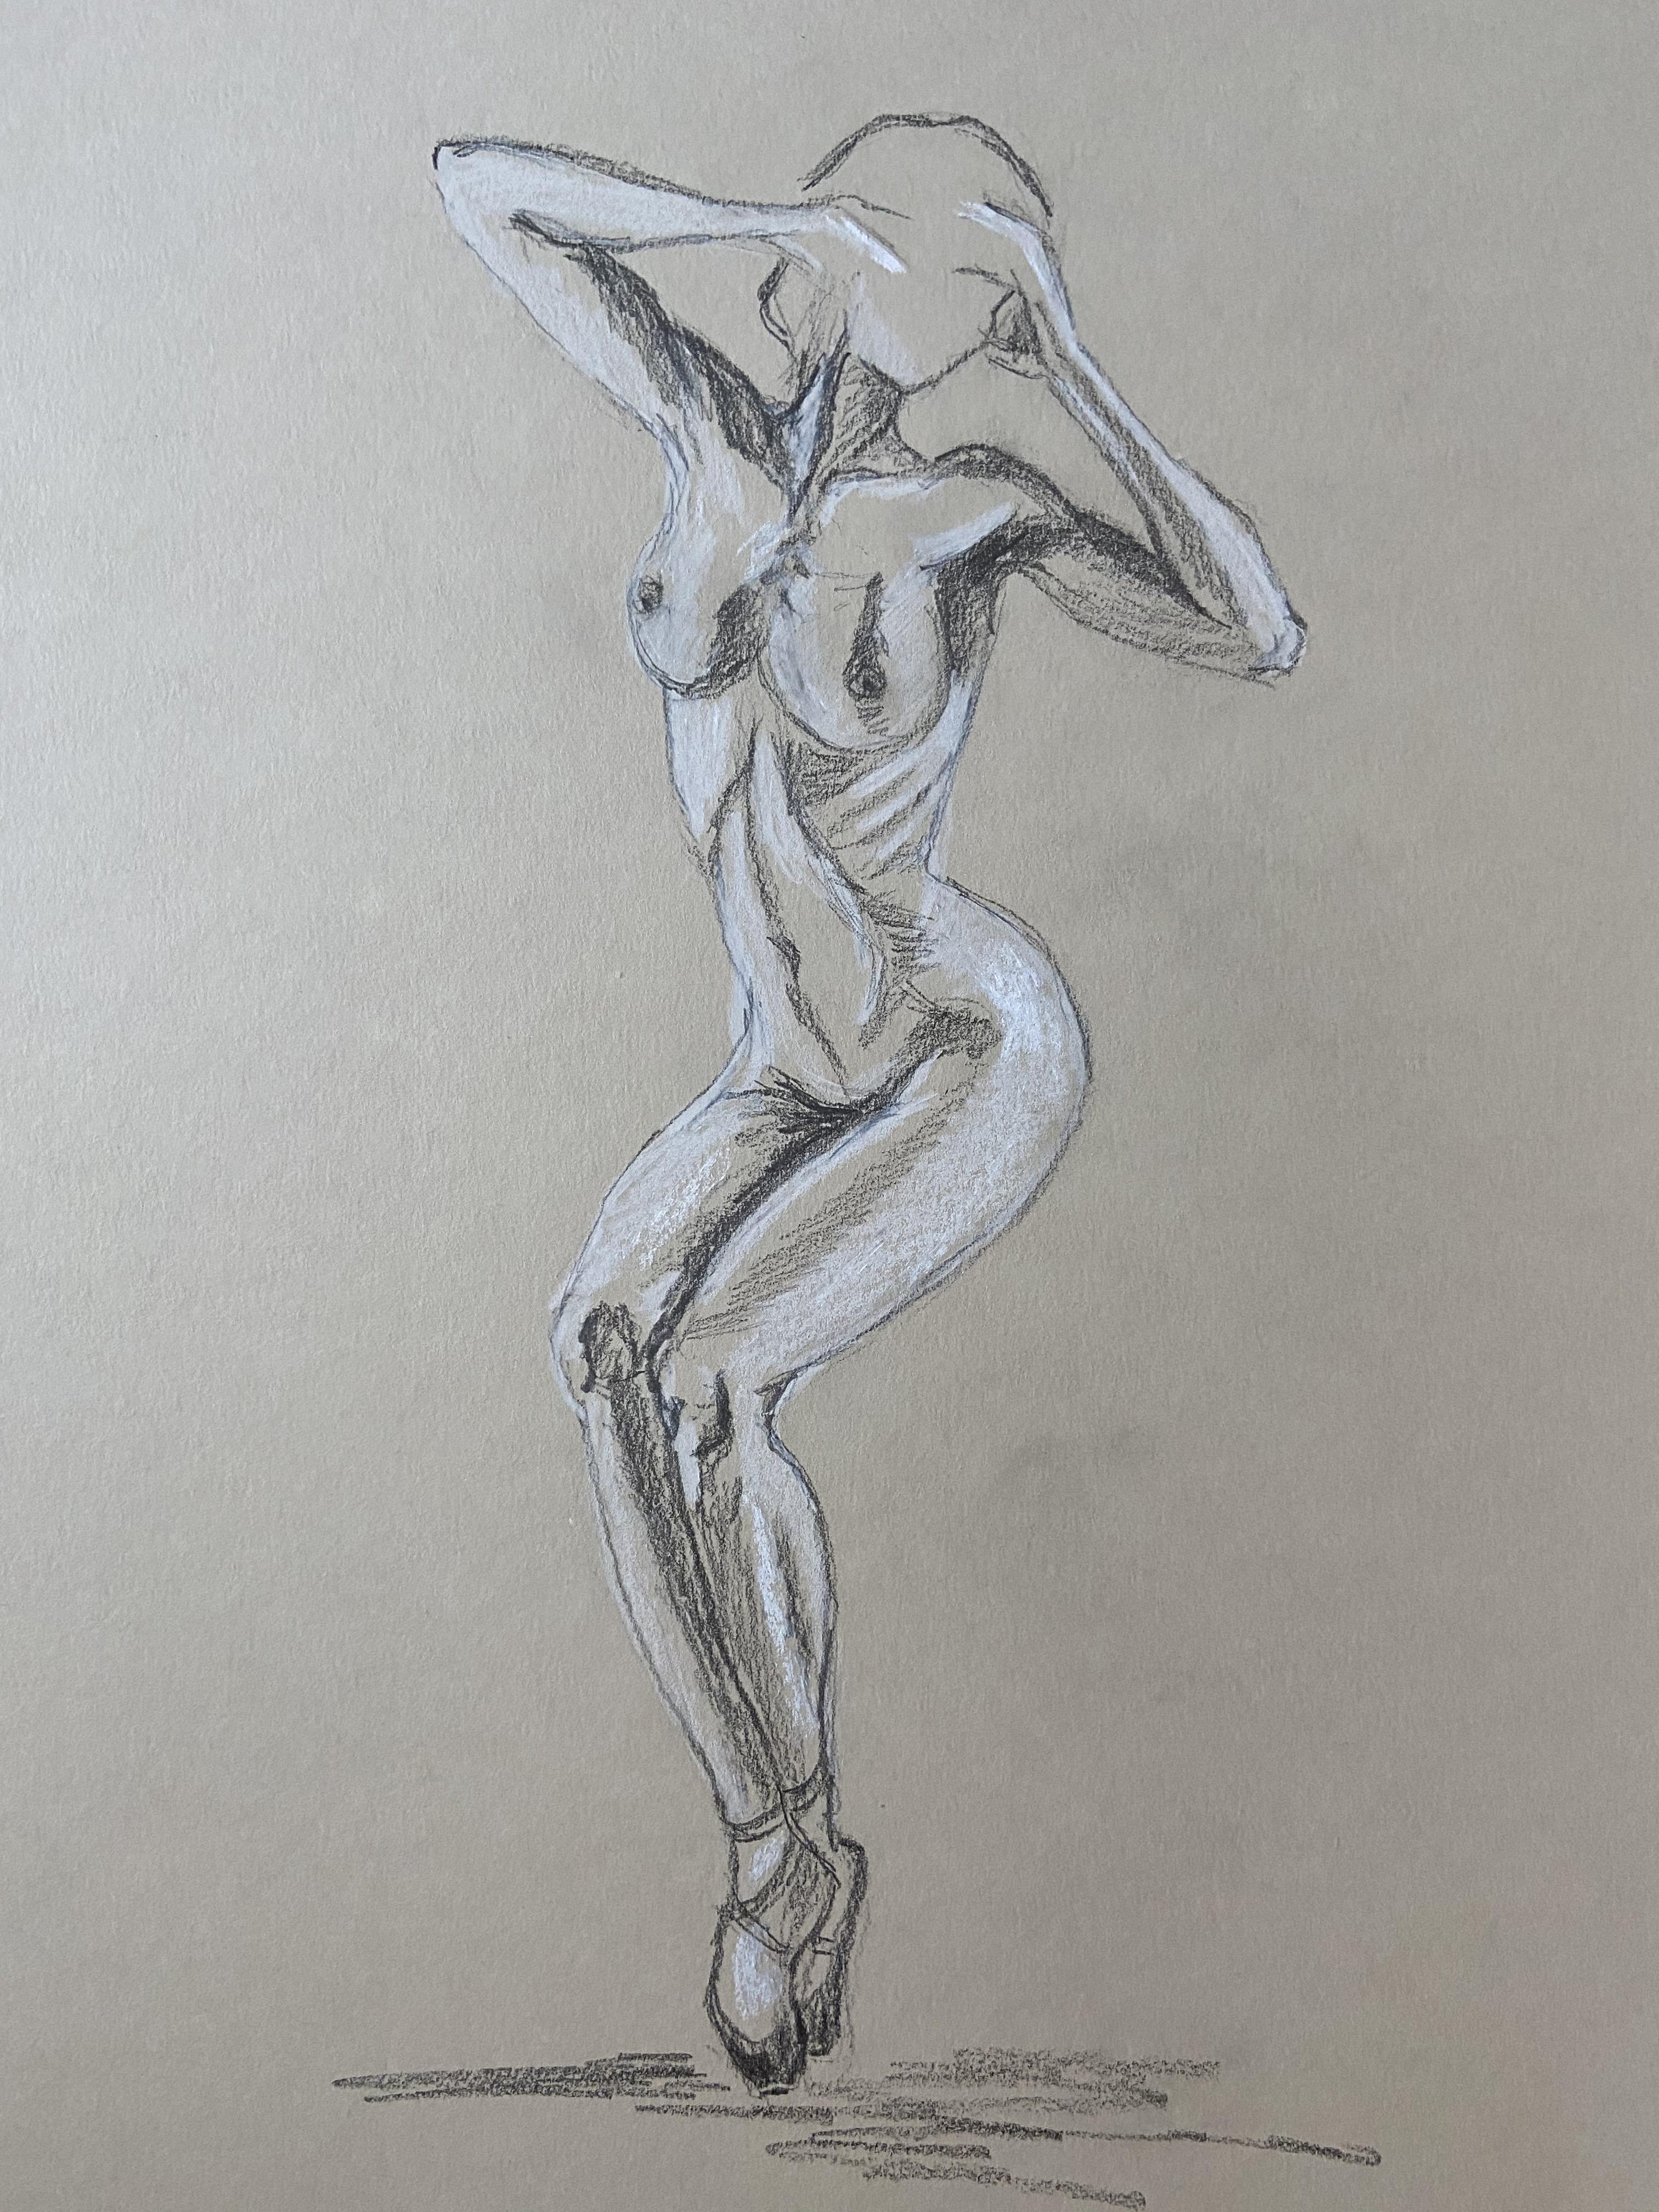 Dessin danseuse paysage fusain pastel blanc  cours de dessin